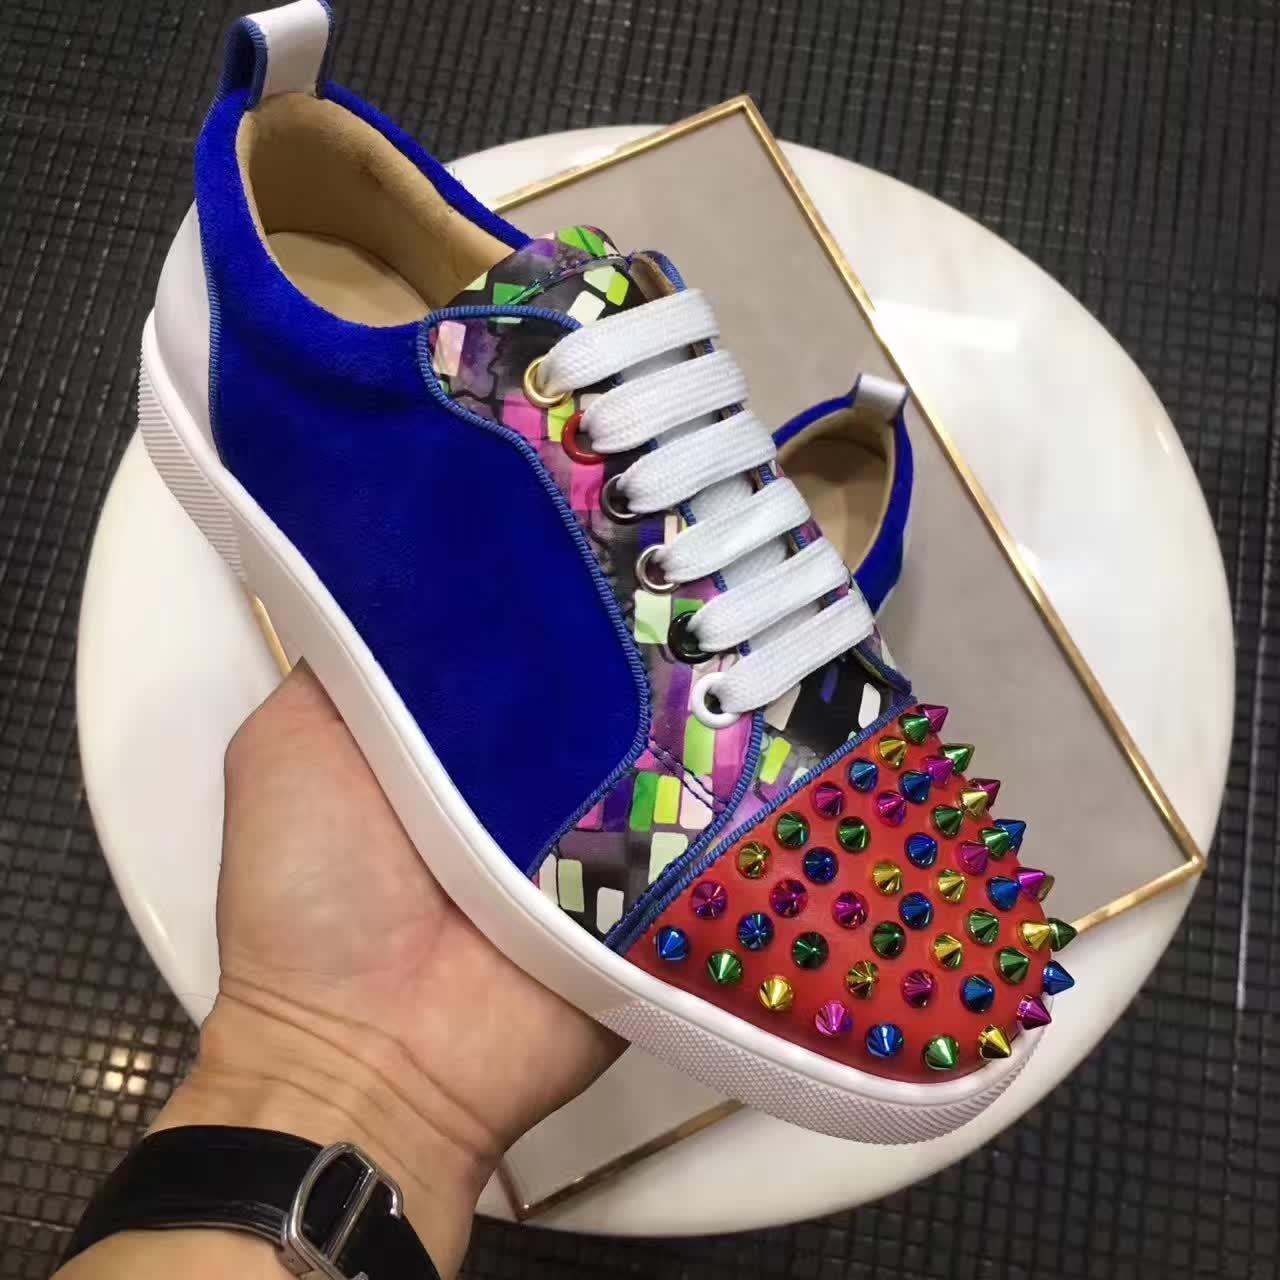 Designer Low Top Sneakers Bas Rouge Junior Hommes Femmes lacets en cuir daim avec des couleurs SChristianDesignerDes chaussureslouboutin pas cher